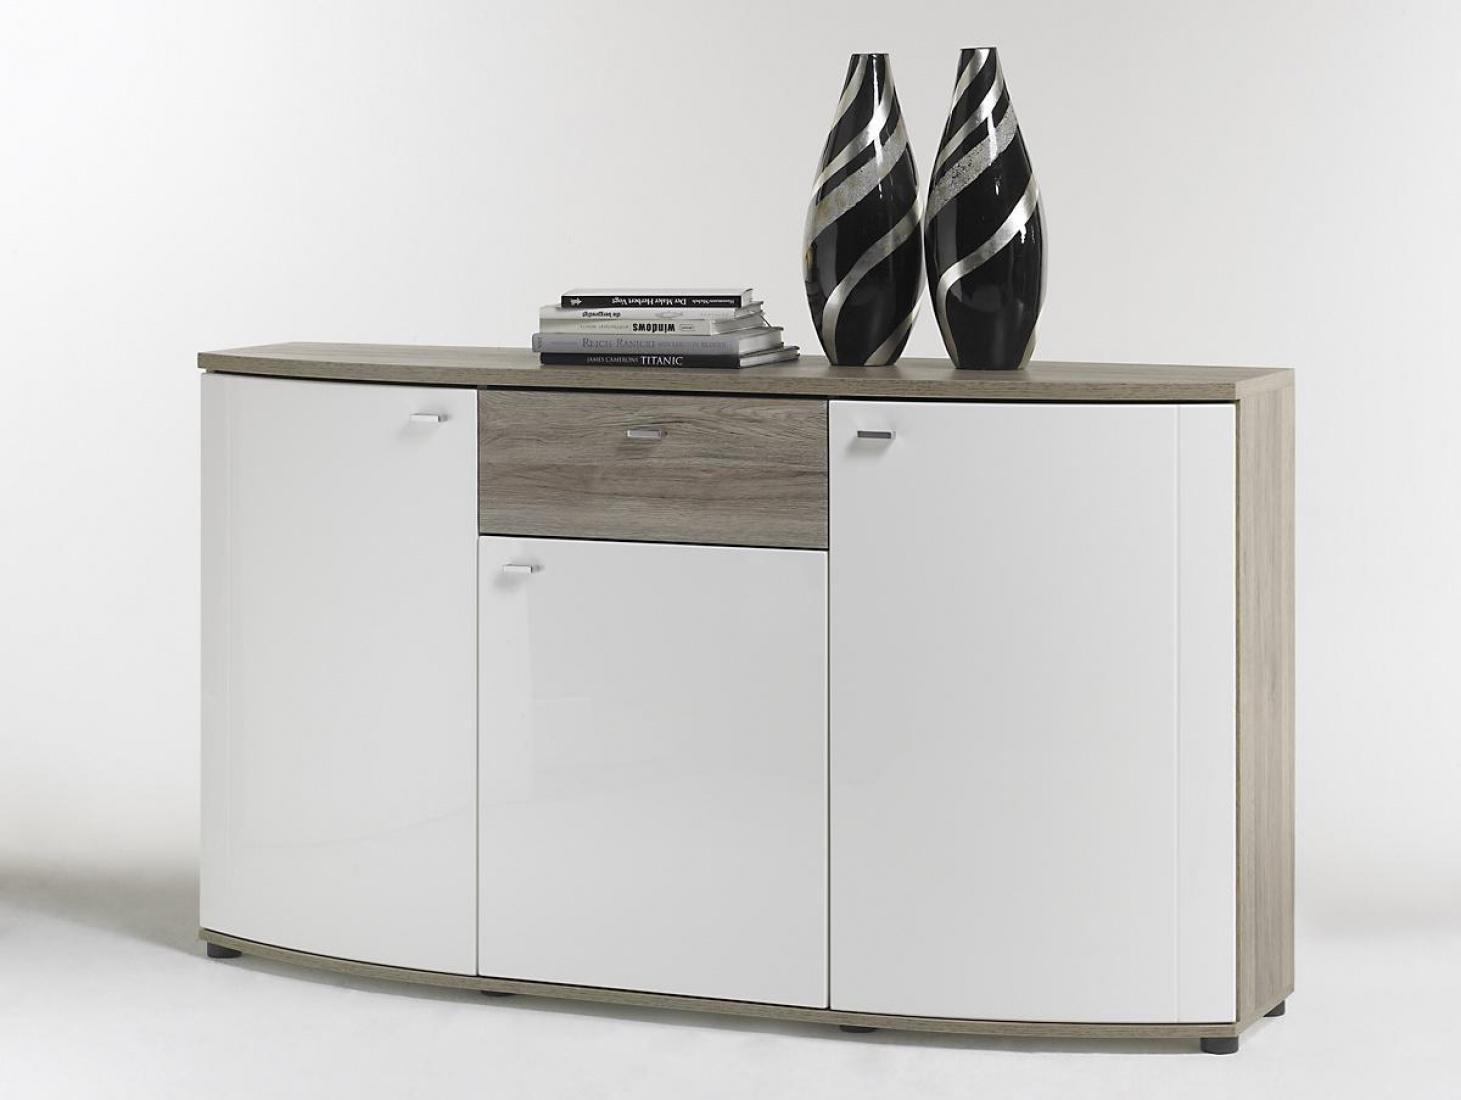 Sideboard Malee Weiß Mit Sonoma Eiche Nachbildung Kaufen Bei Möbel Lux